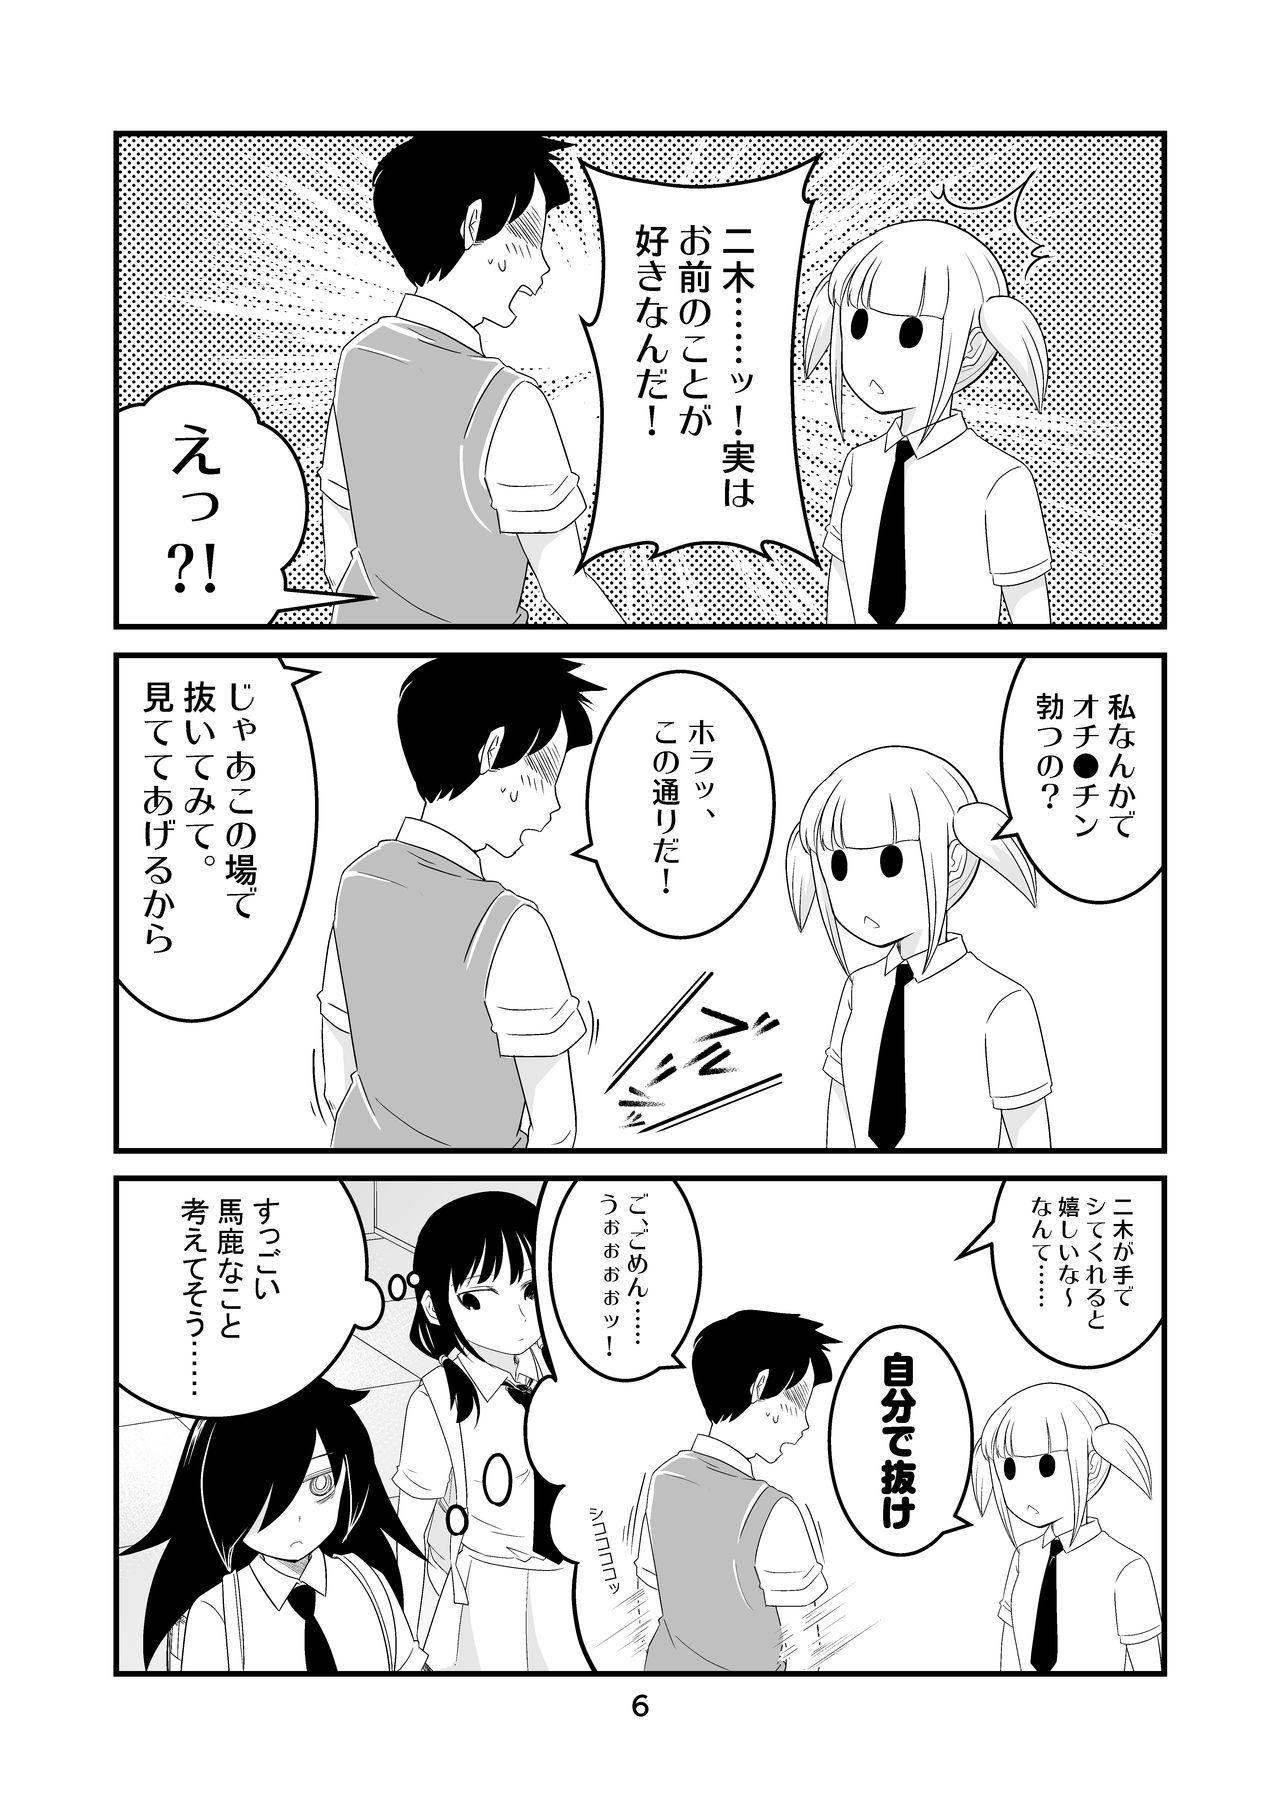 Watamote Seishun Omnibus 5